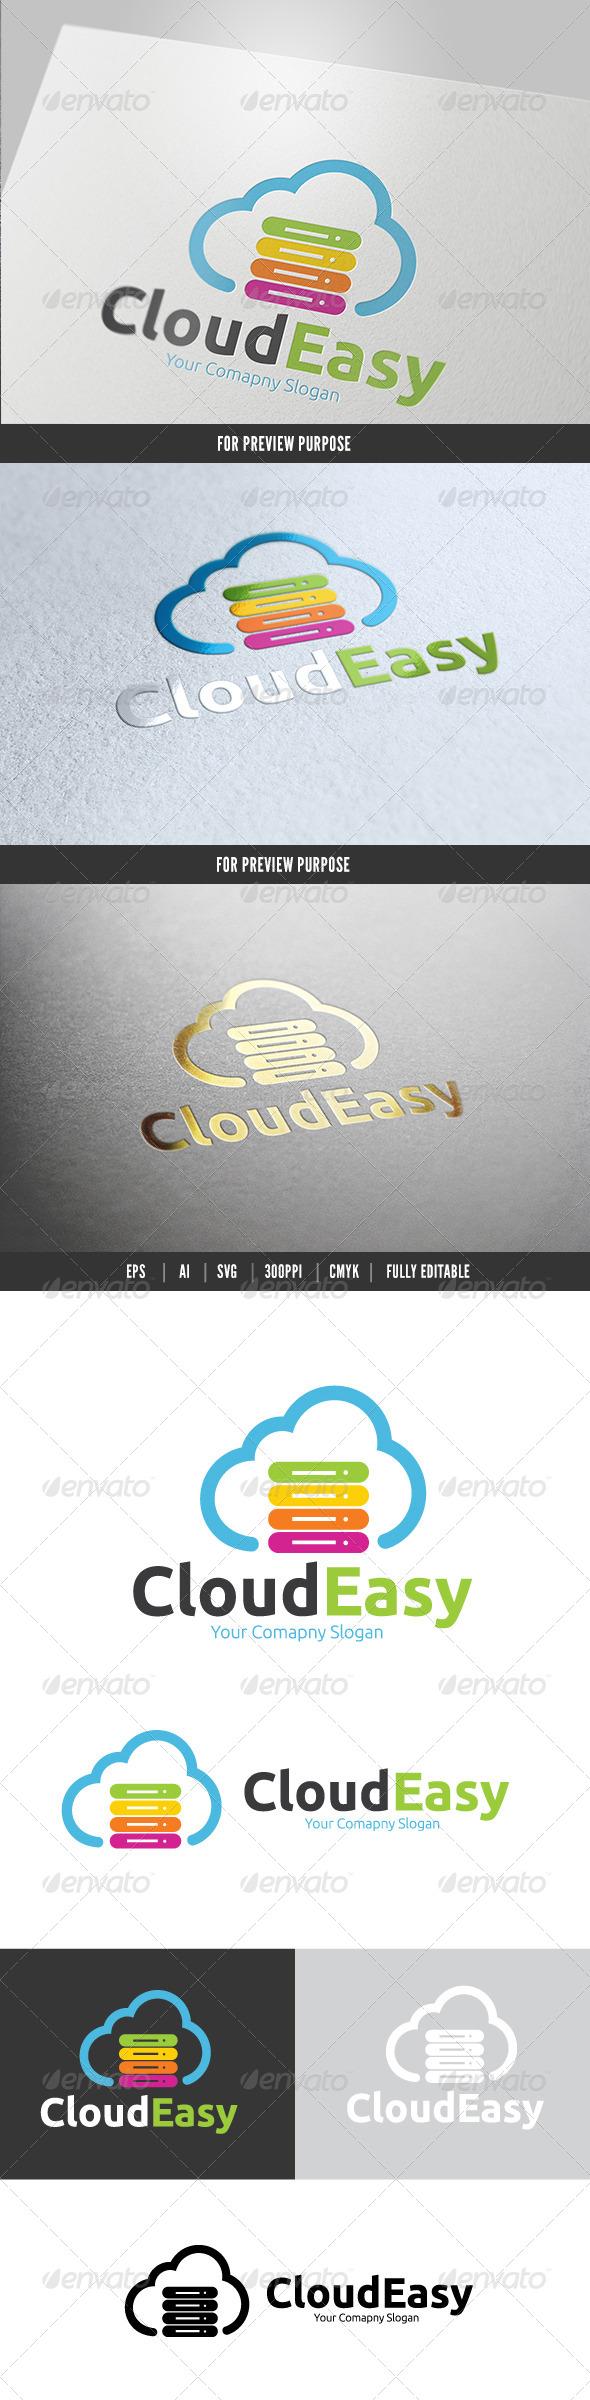 Cloud Easy